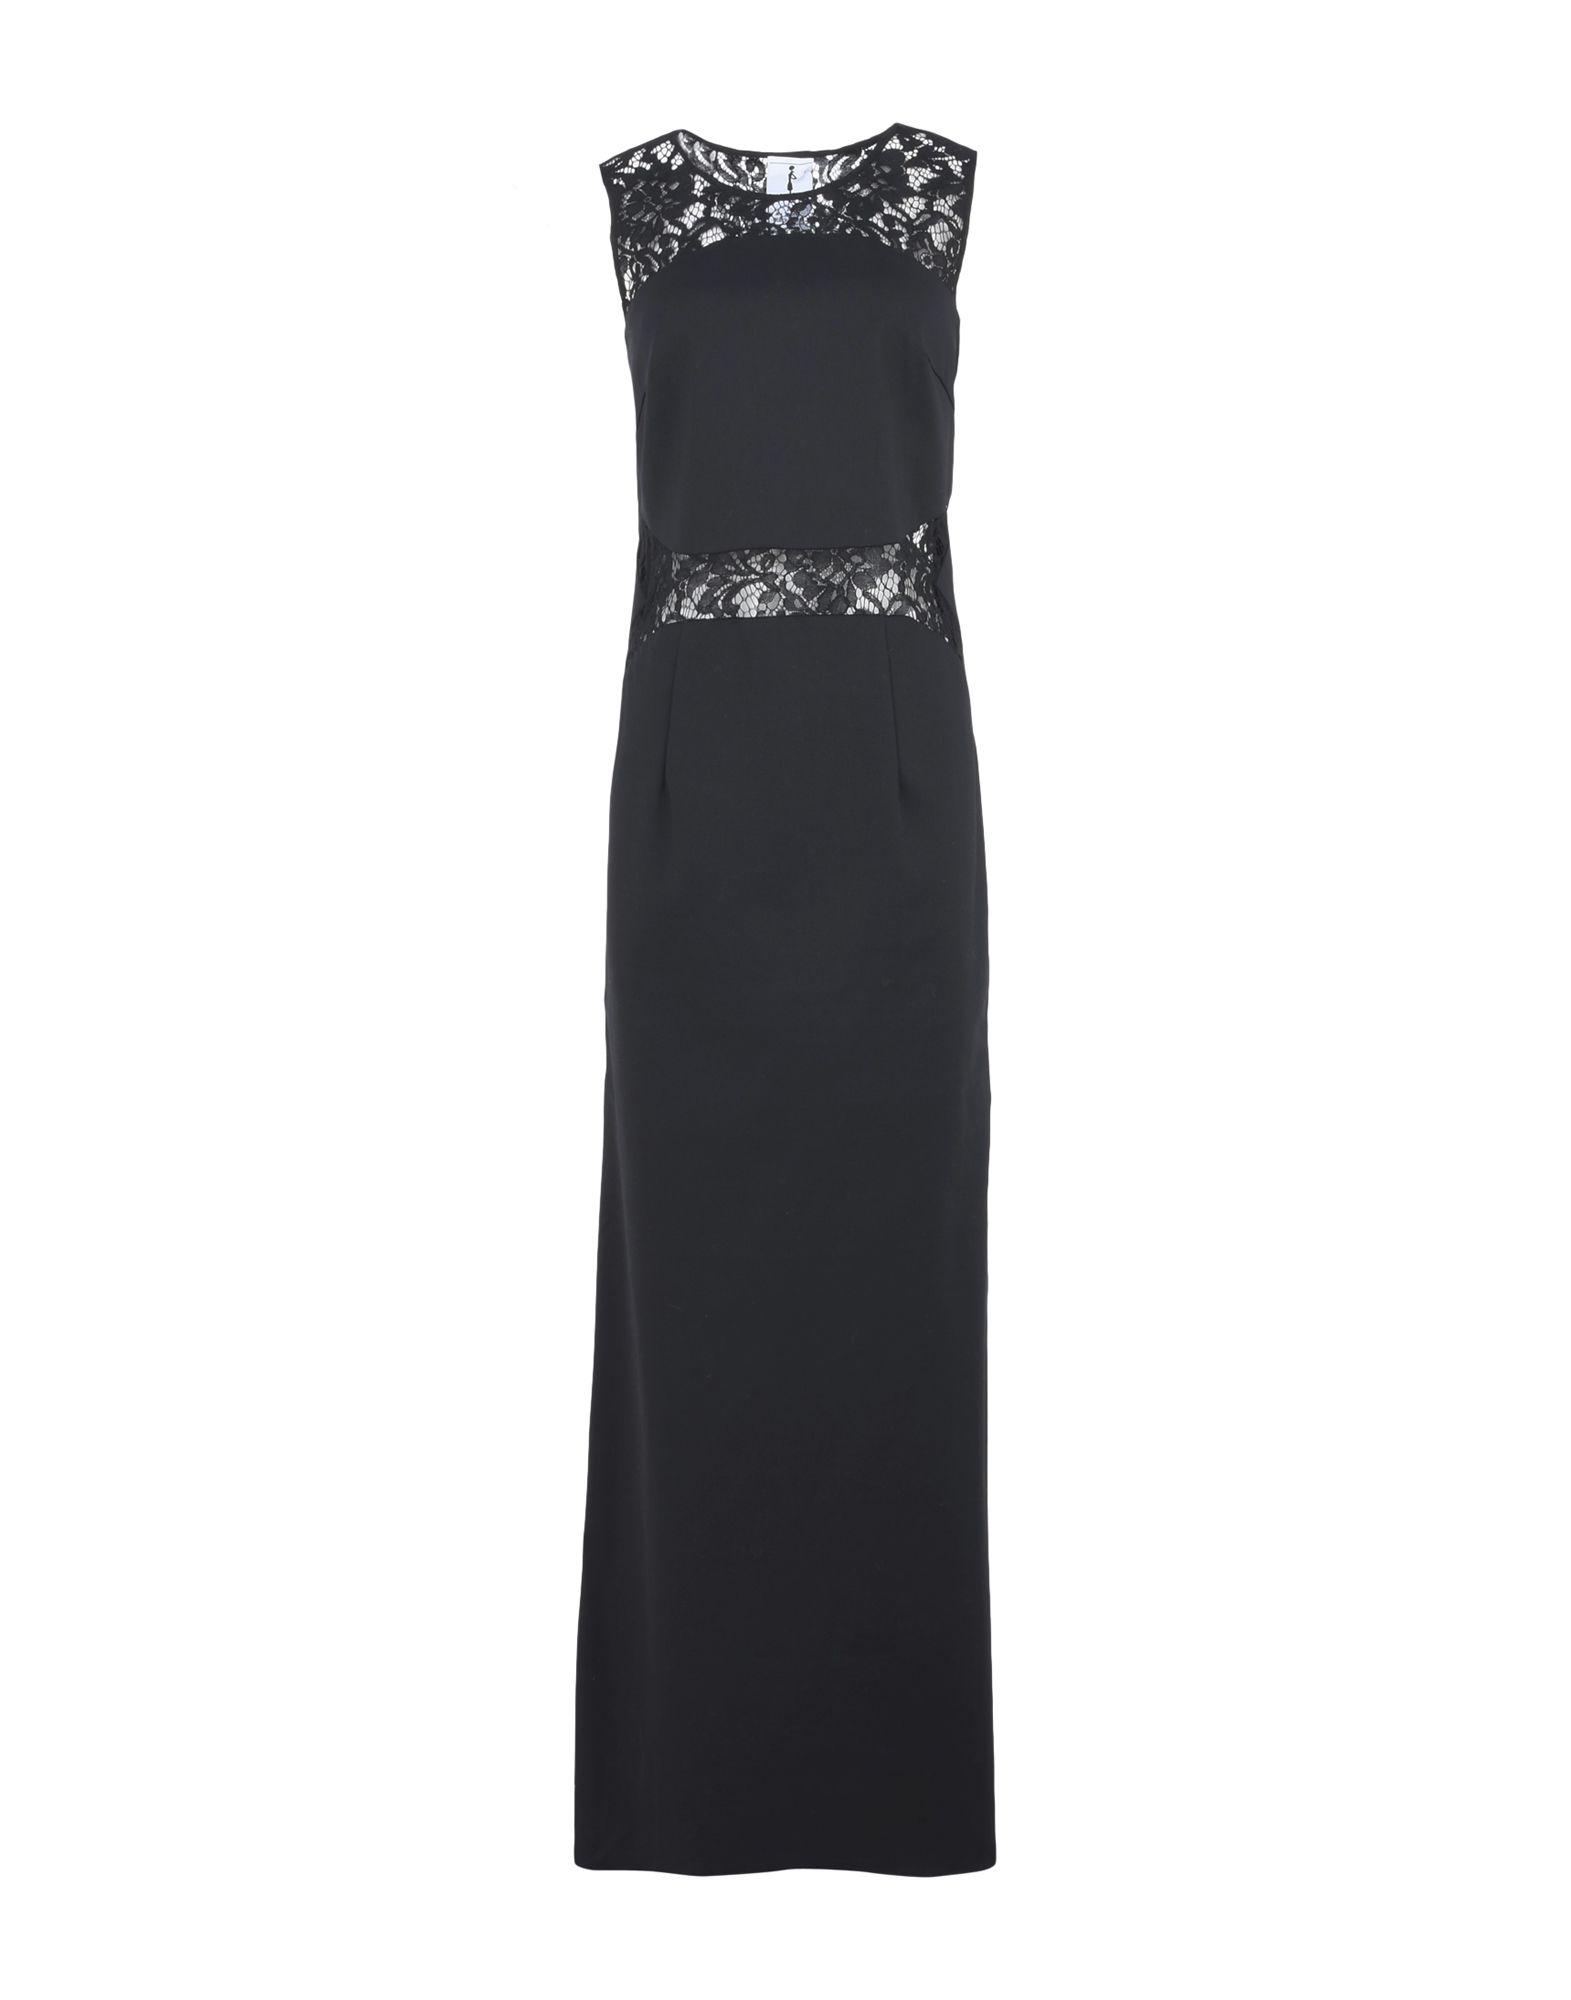 MY SECRET BLACK DRESS ΦΟΡΕΜΑΤΑ Μακρύ φόρεμα